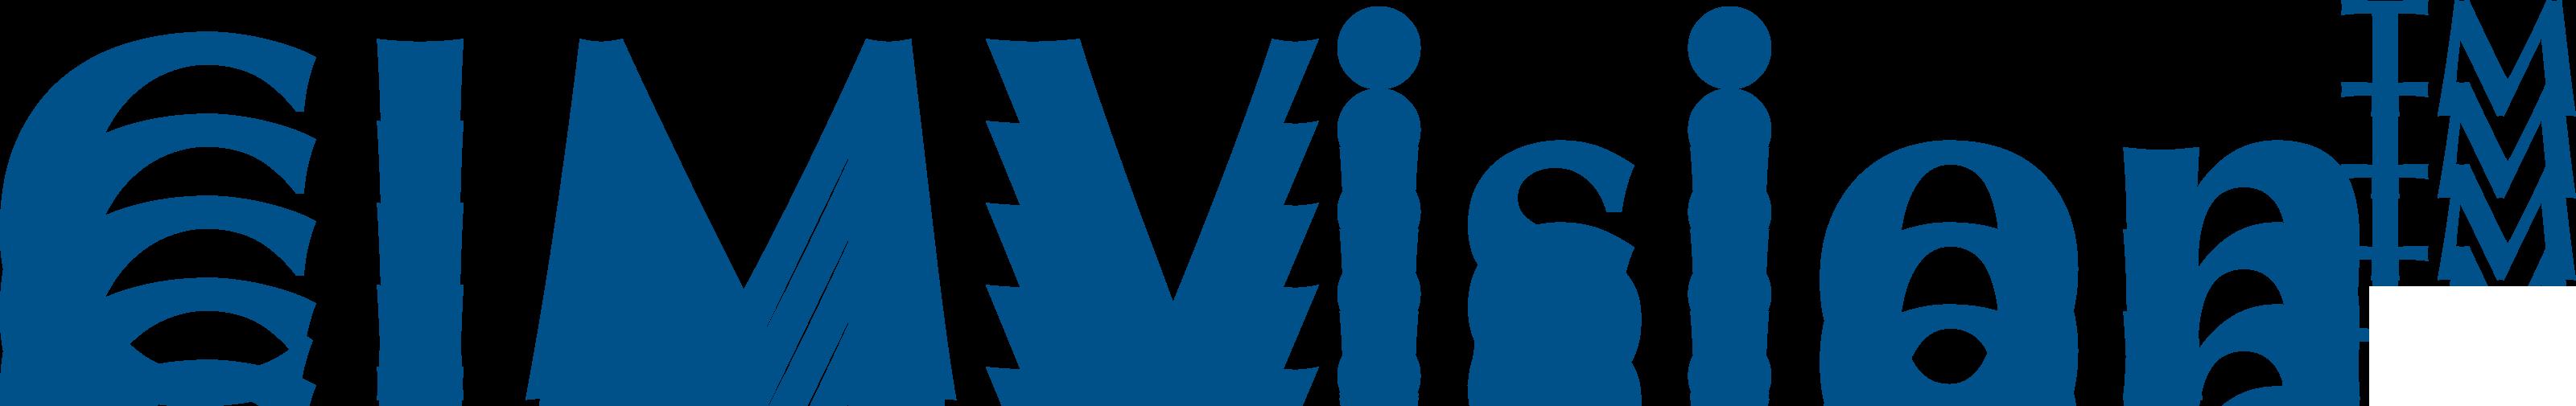 logo-cimvision.png